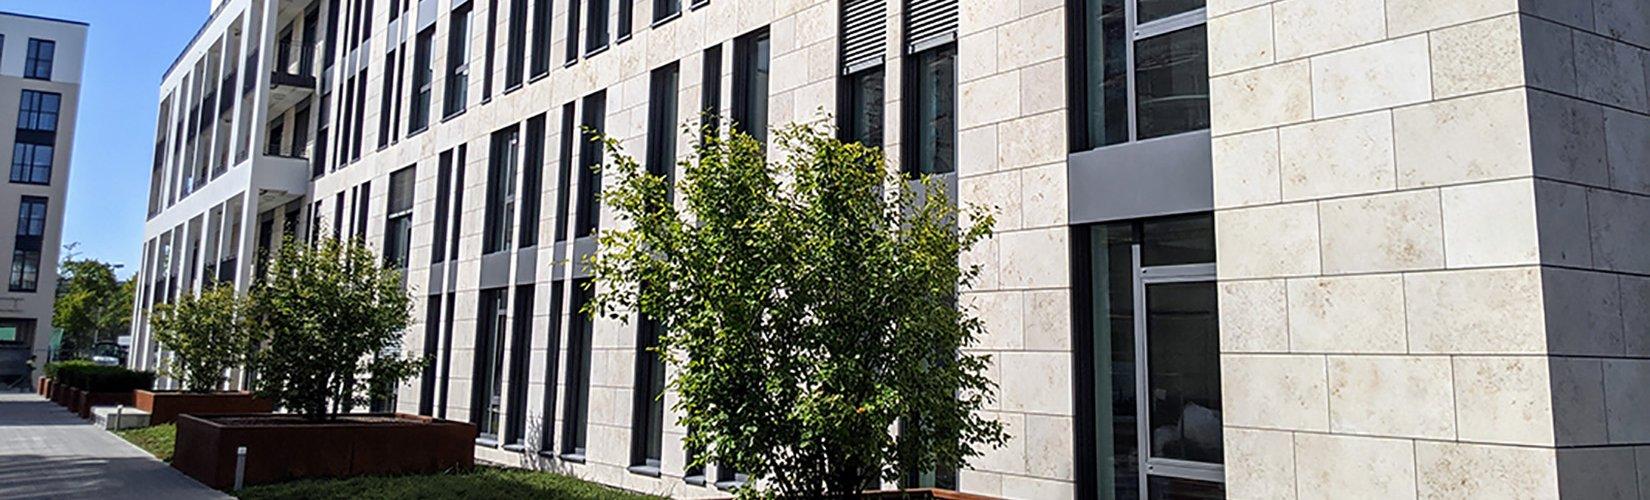 Außenansicht Bürogebäude WEBER GmbH in Darmstadt.